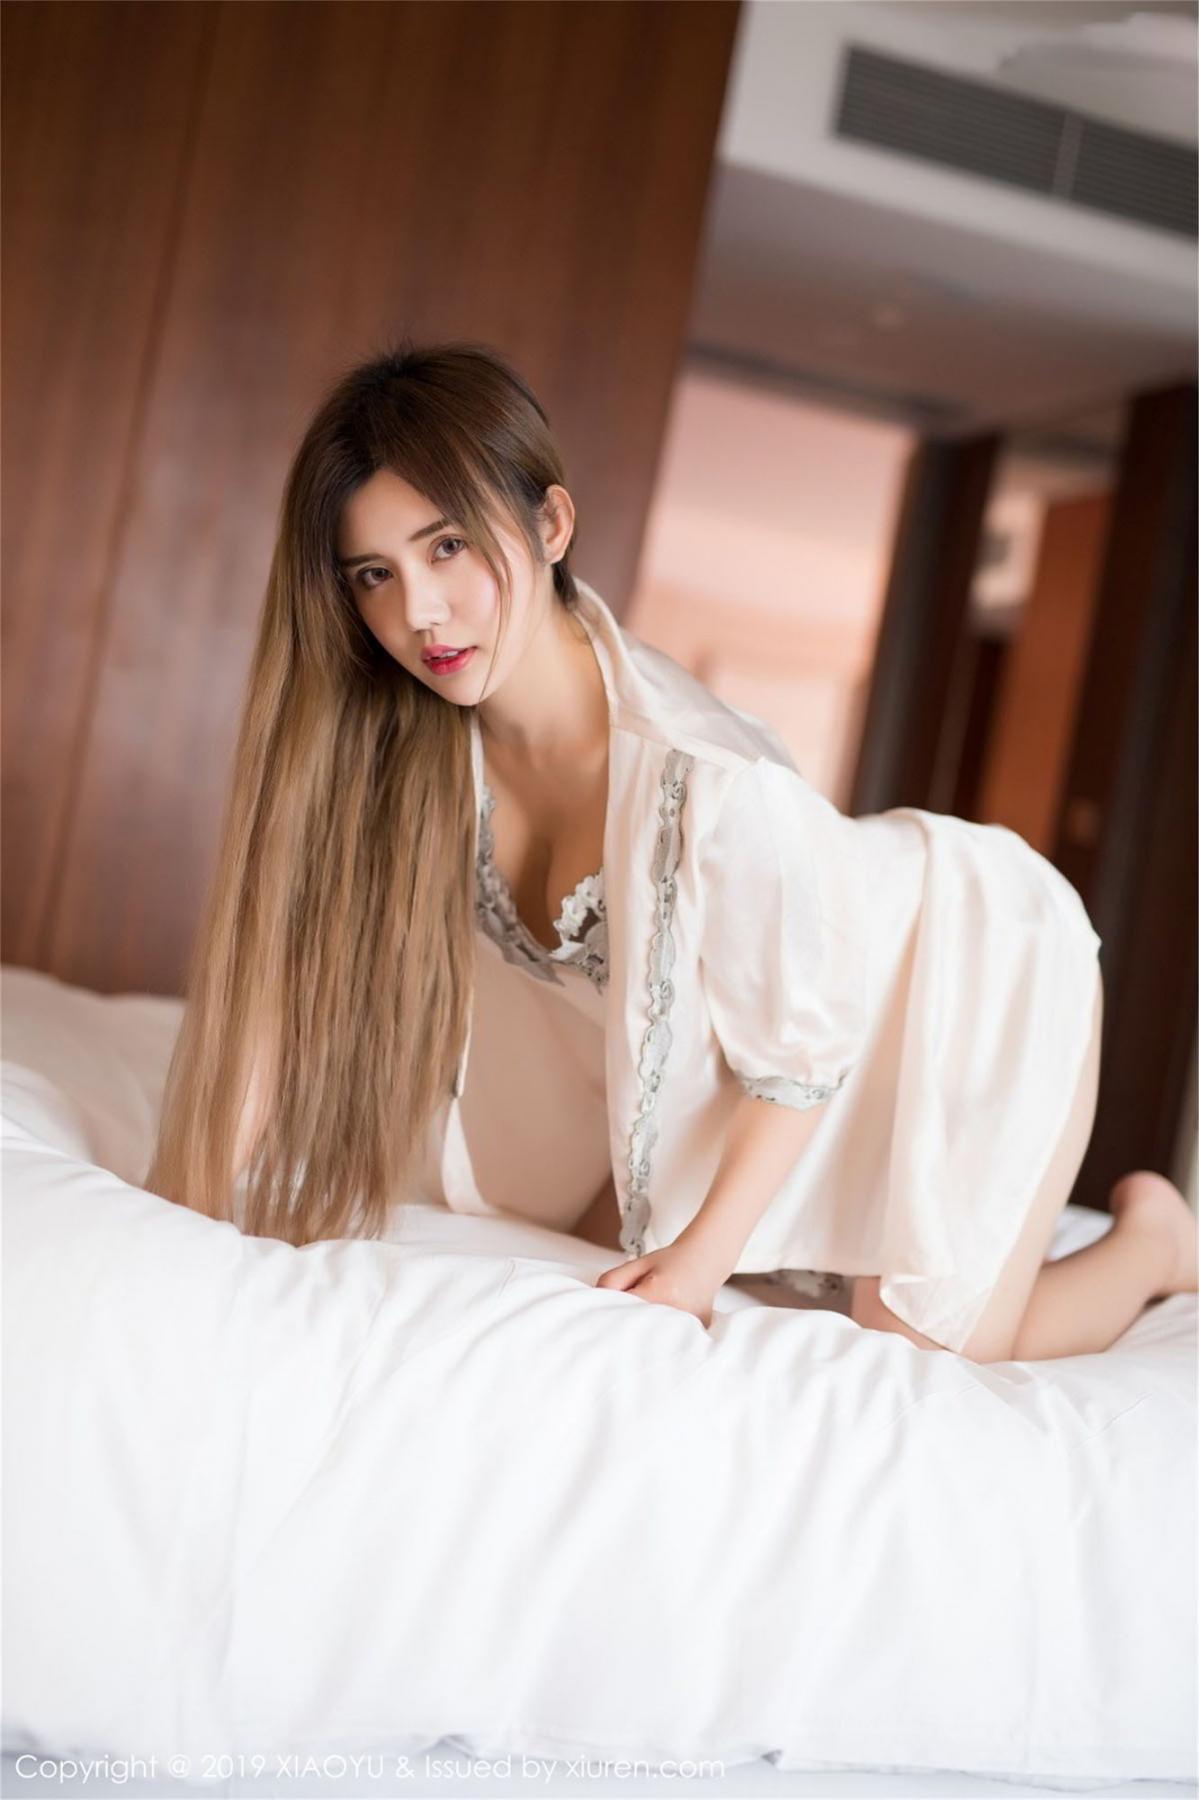 [XiaoYu] Vol.093 Zhuo Ya Qi 7P, Underwear, XiaoYu, Zhuo Ya Qi